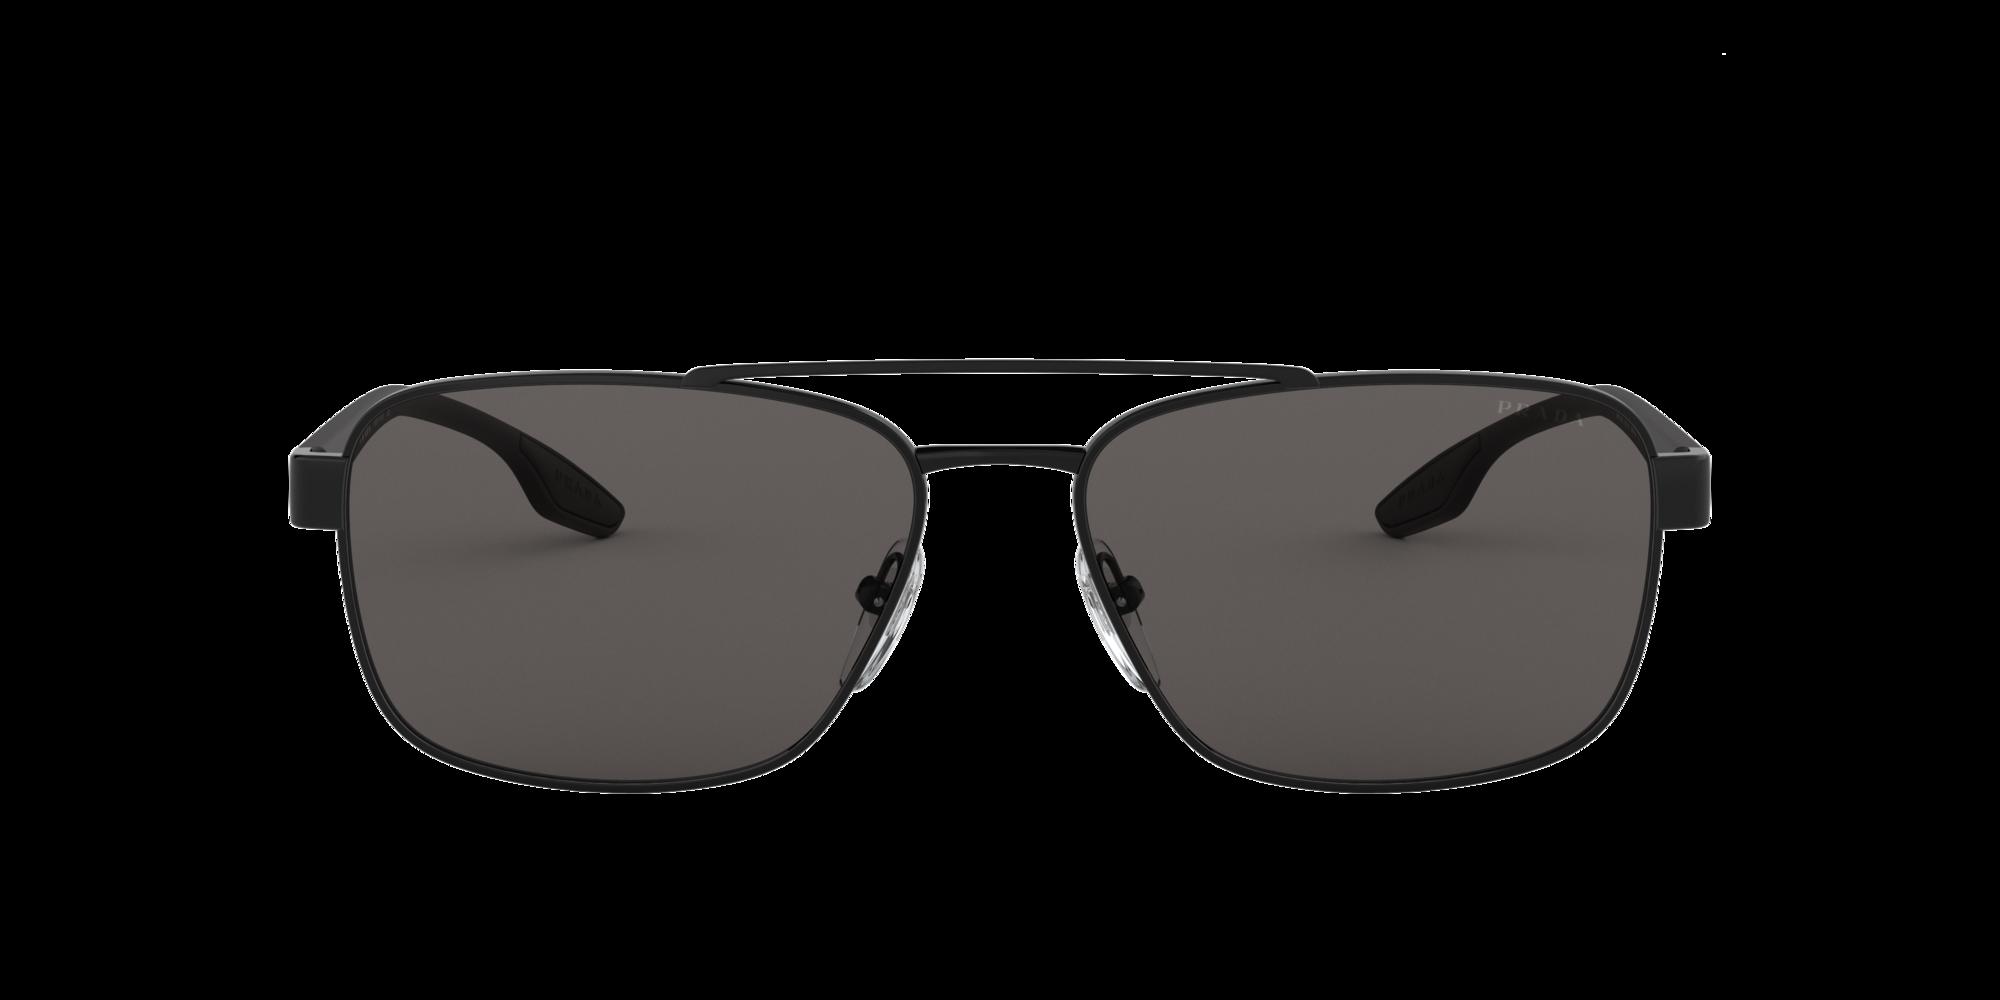 Imagen para PS 51US 59 LIFESTYLE de LensCrafters |  Espejuelos, espejuelos graduados en línea, gafas